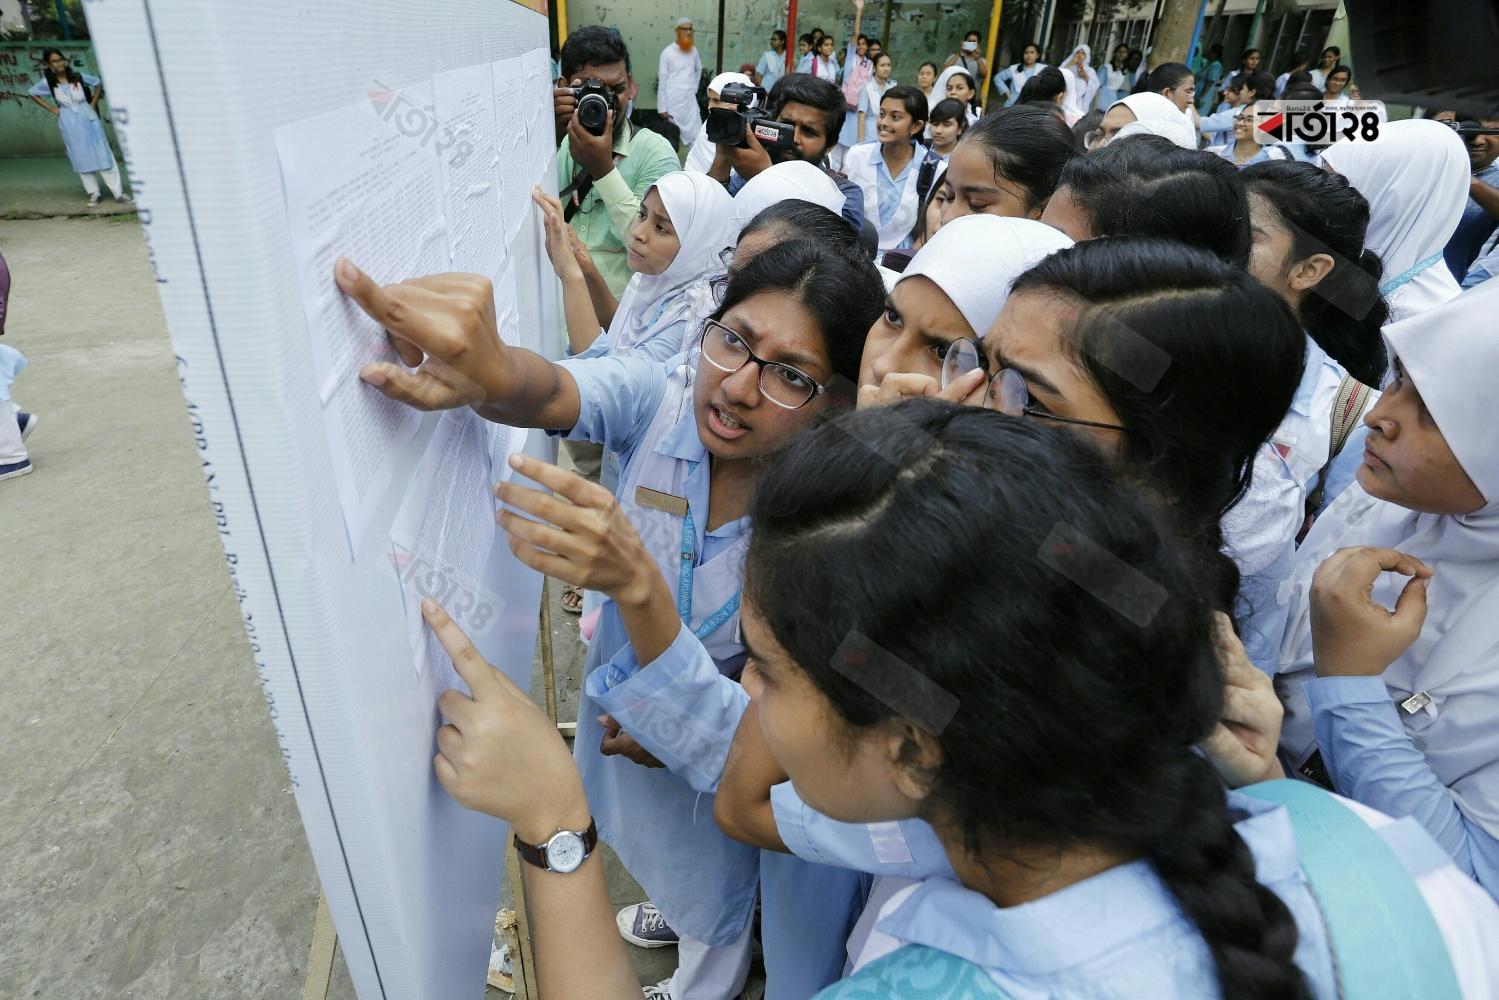 ভিকারুননিসা নূন স্কুল এন্ড কলেজে ফলাফল দেখছে শিক্ষার্থীরা। ছবি: সুমন শেখ